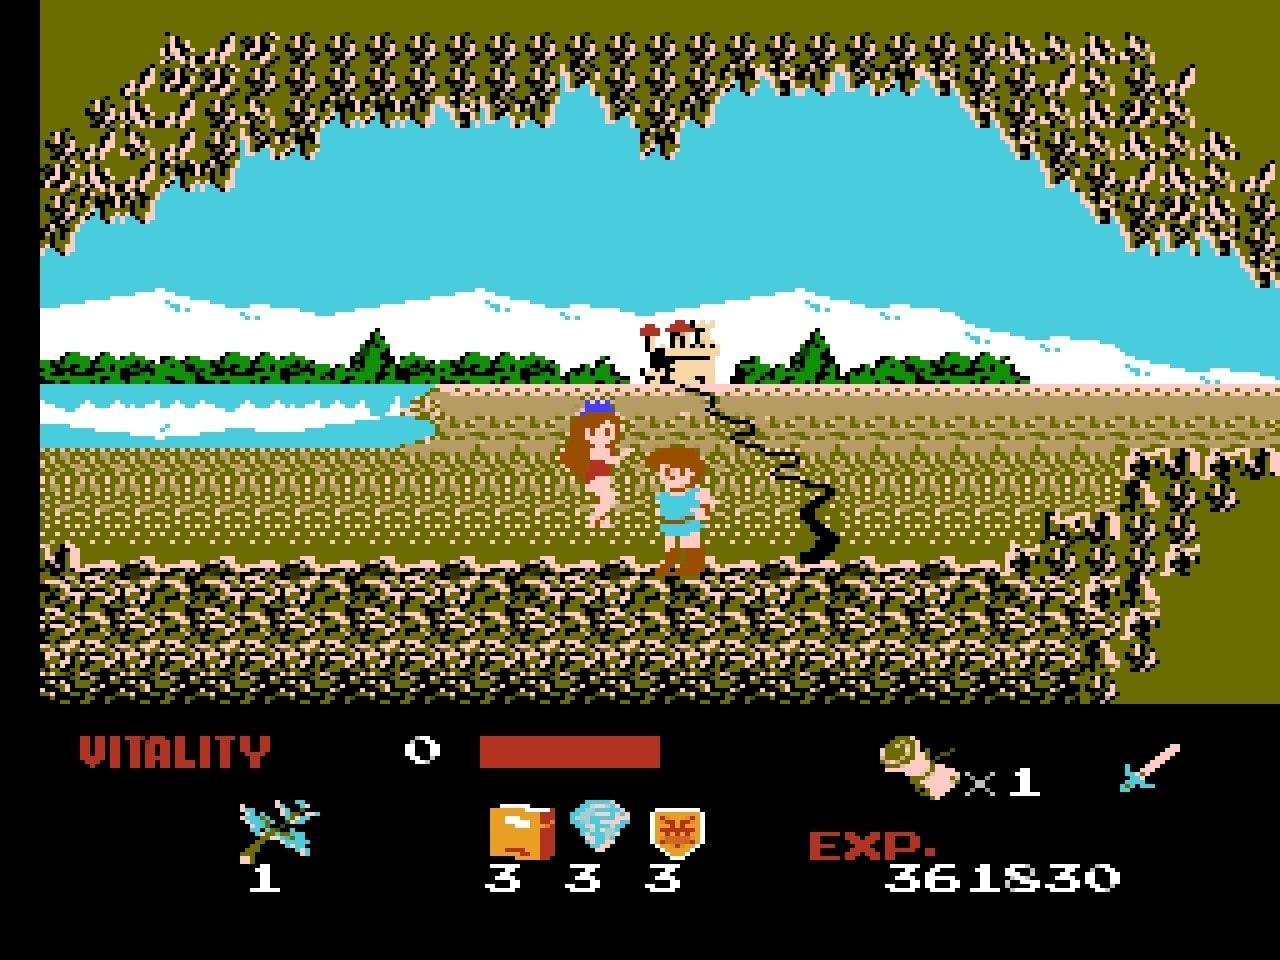 ファミコン版『ドラゴンバスター』金色に輝くカセットに詰まった「2段ジャンプ」「兜割り」習得の記憶の画像009